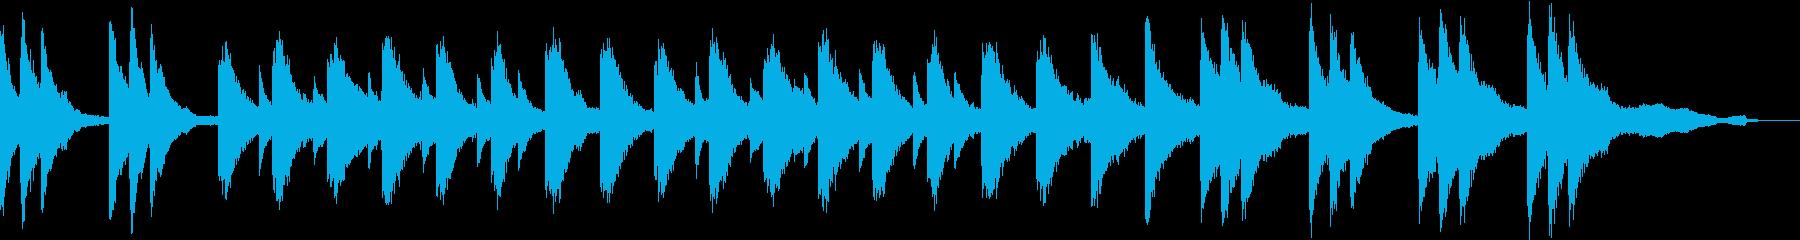 静かな深夜をイメージしたピアノソロの再生済みの波形